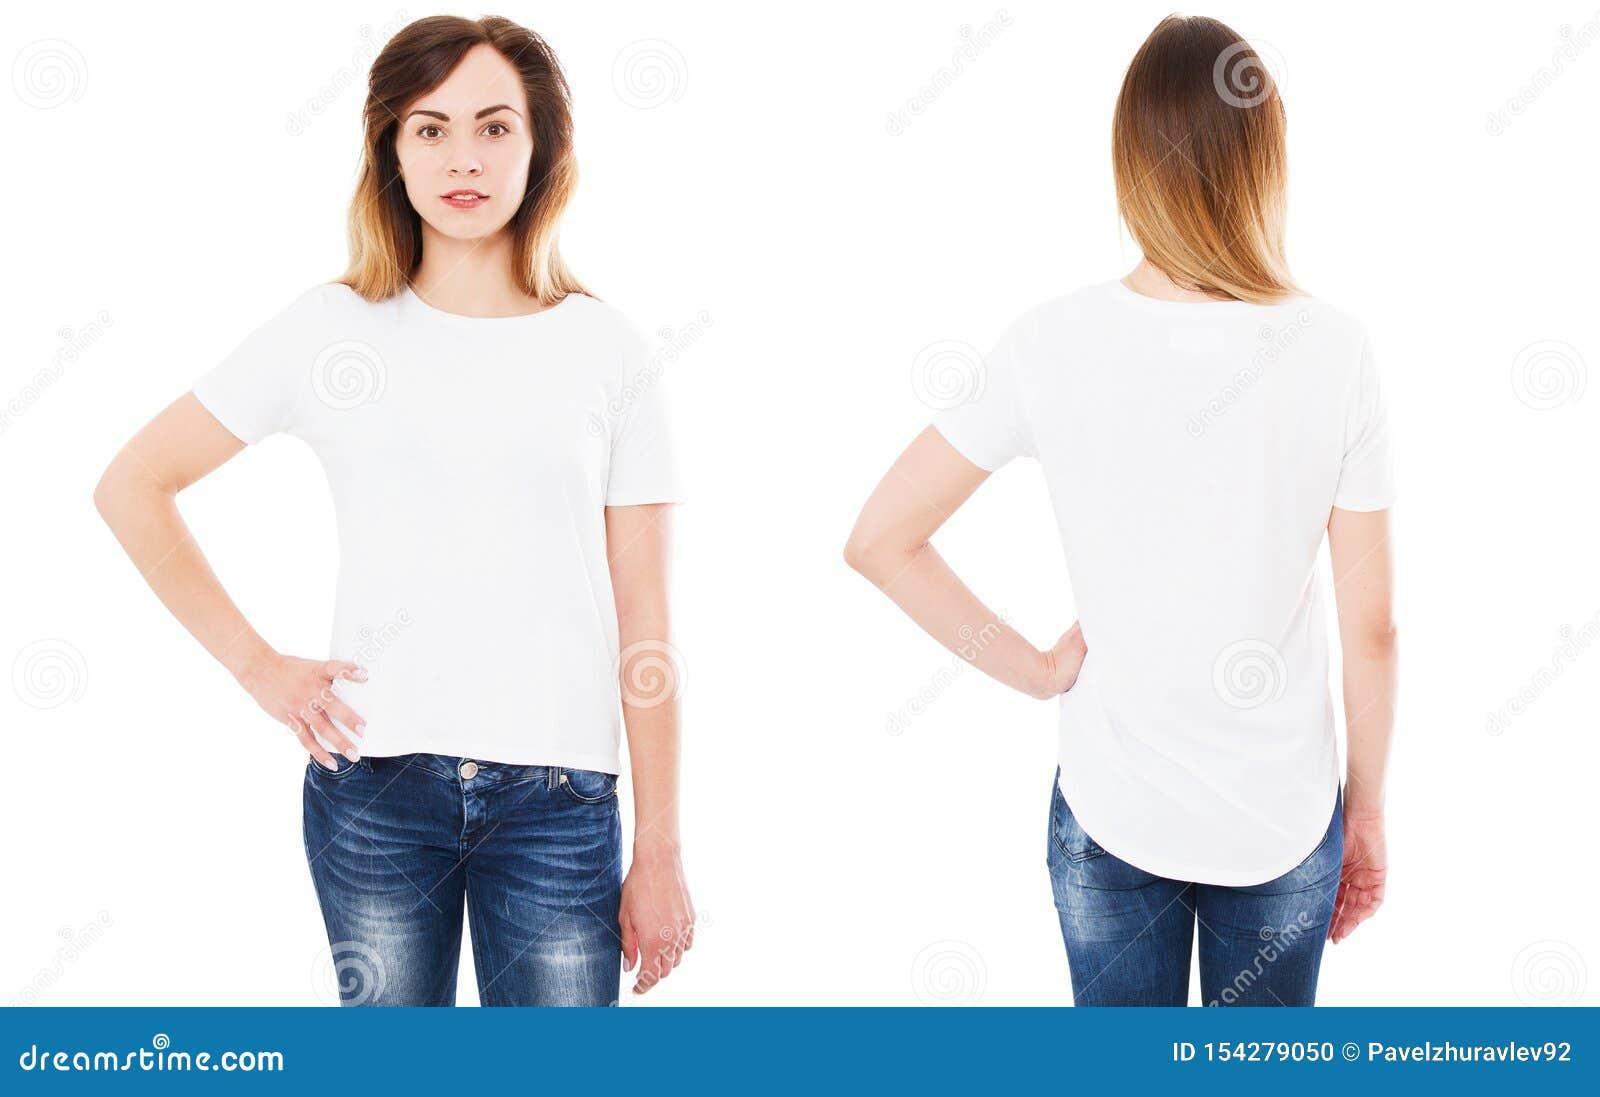 Передняя задняя футболка взглядов изолированная на белых предпосылке, коллаже футболки или наборе, рубашке девушки